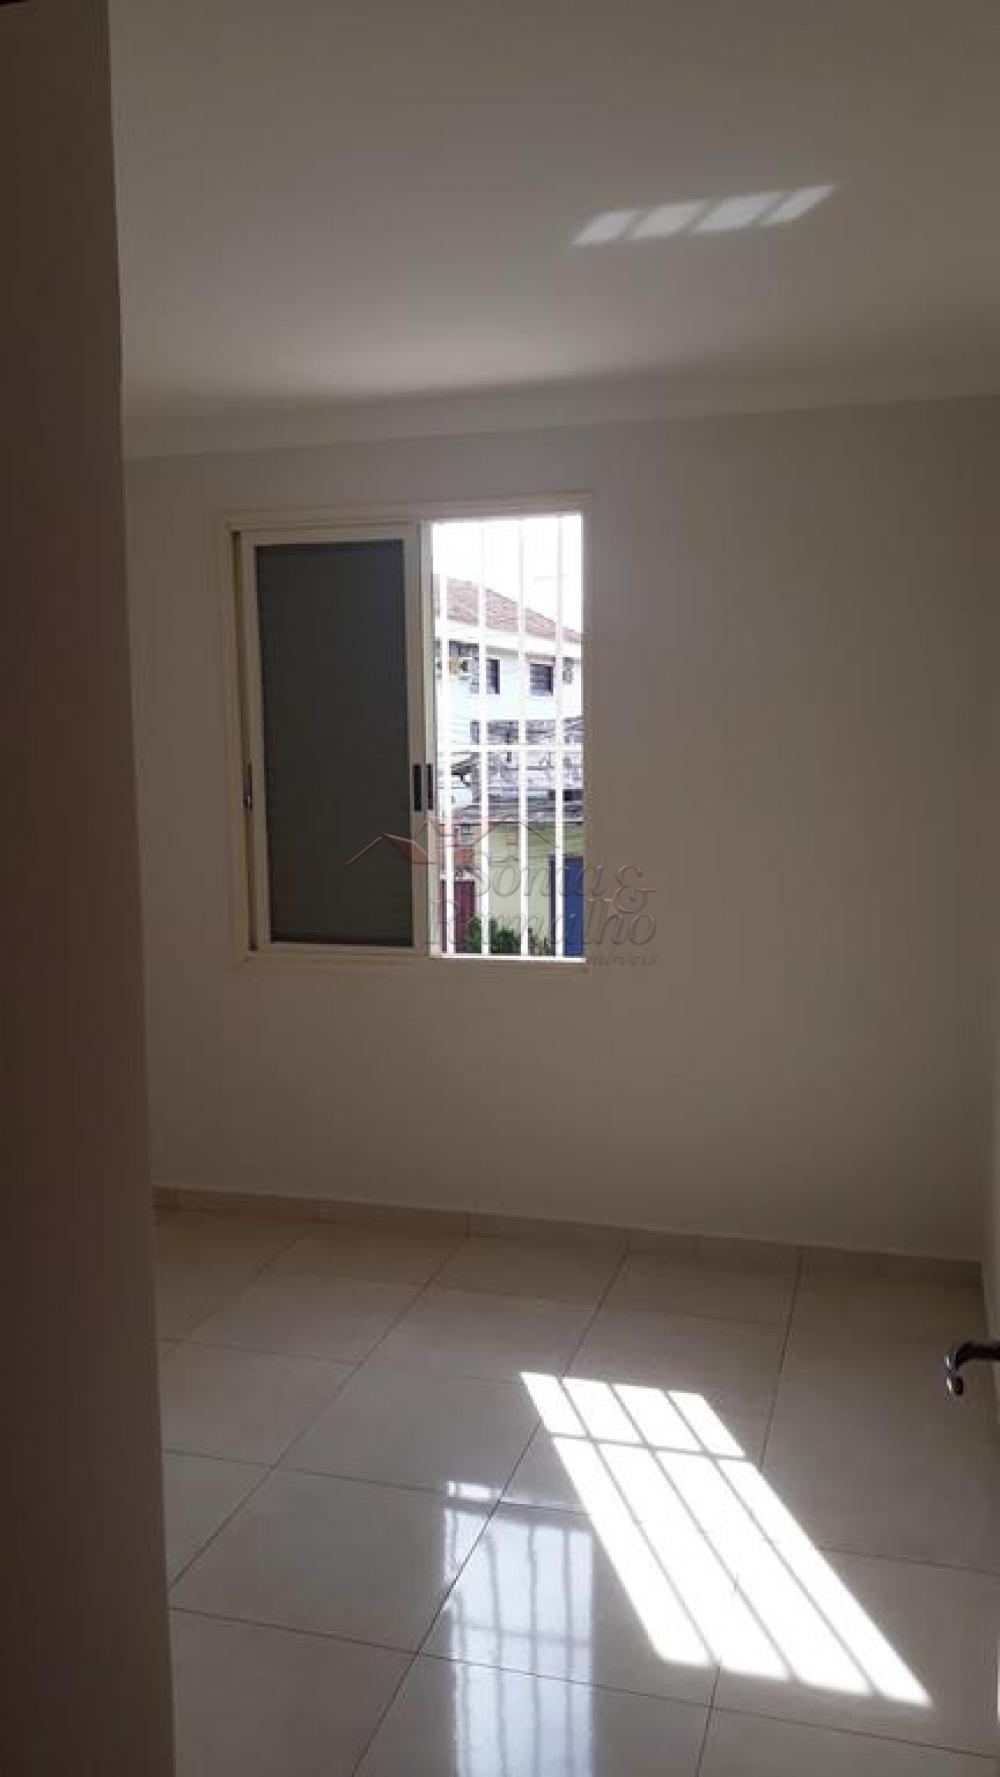 Alugar Apartamentos / Padrão em Ribeirão Preto R$ 1.350,00 - Foto 17